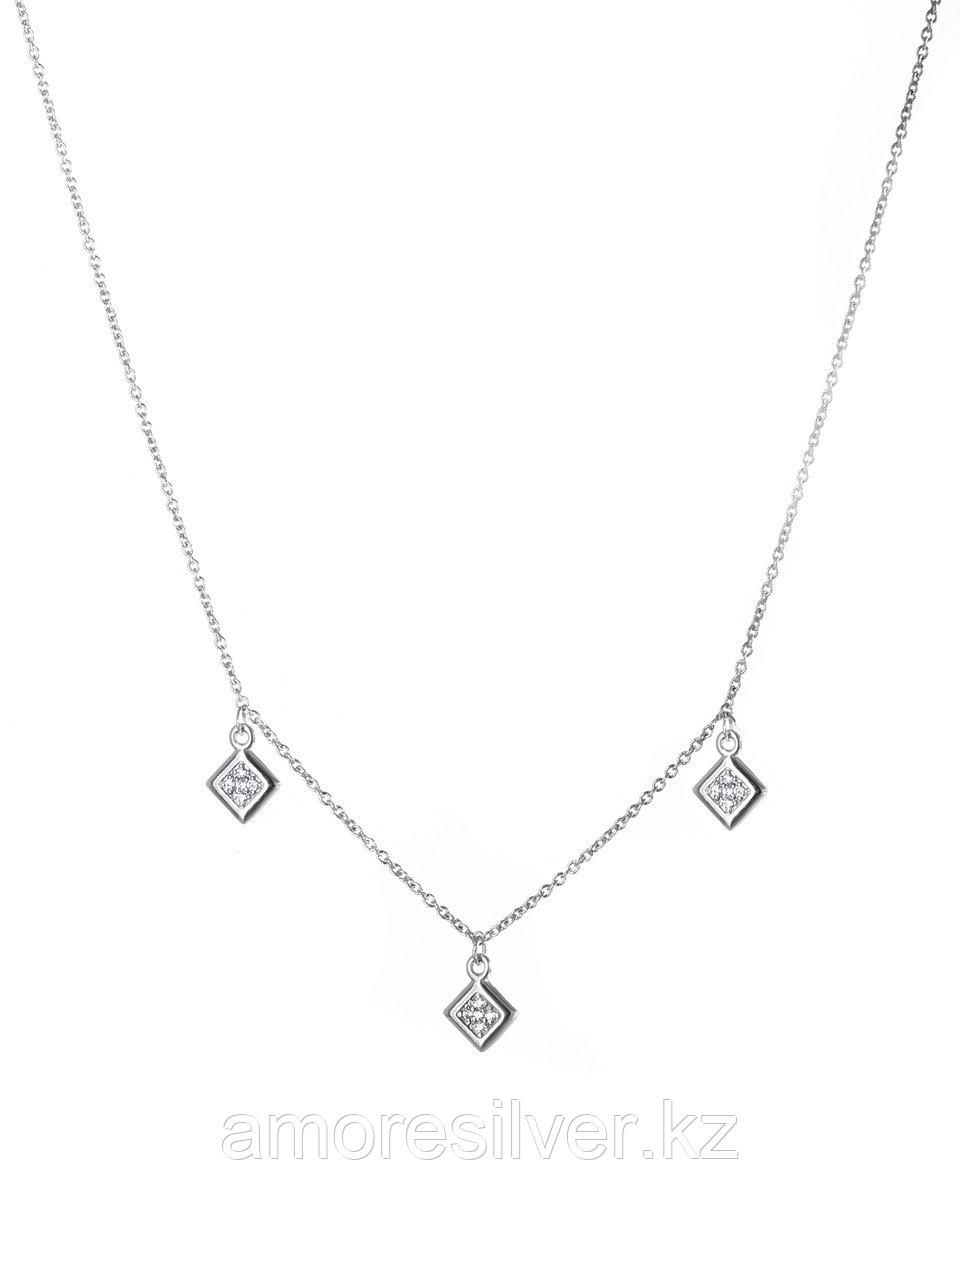 Колье Адамант серебро с родием, фианит Ср925Р-870903040 размеры - 40